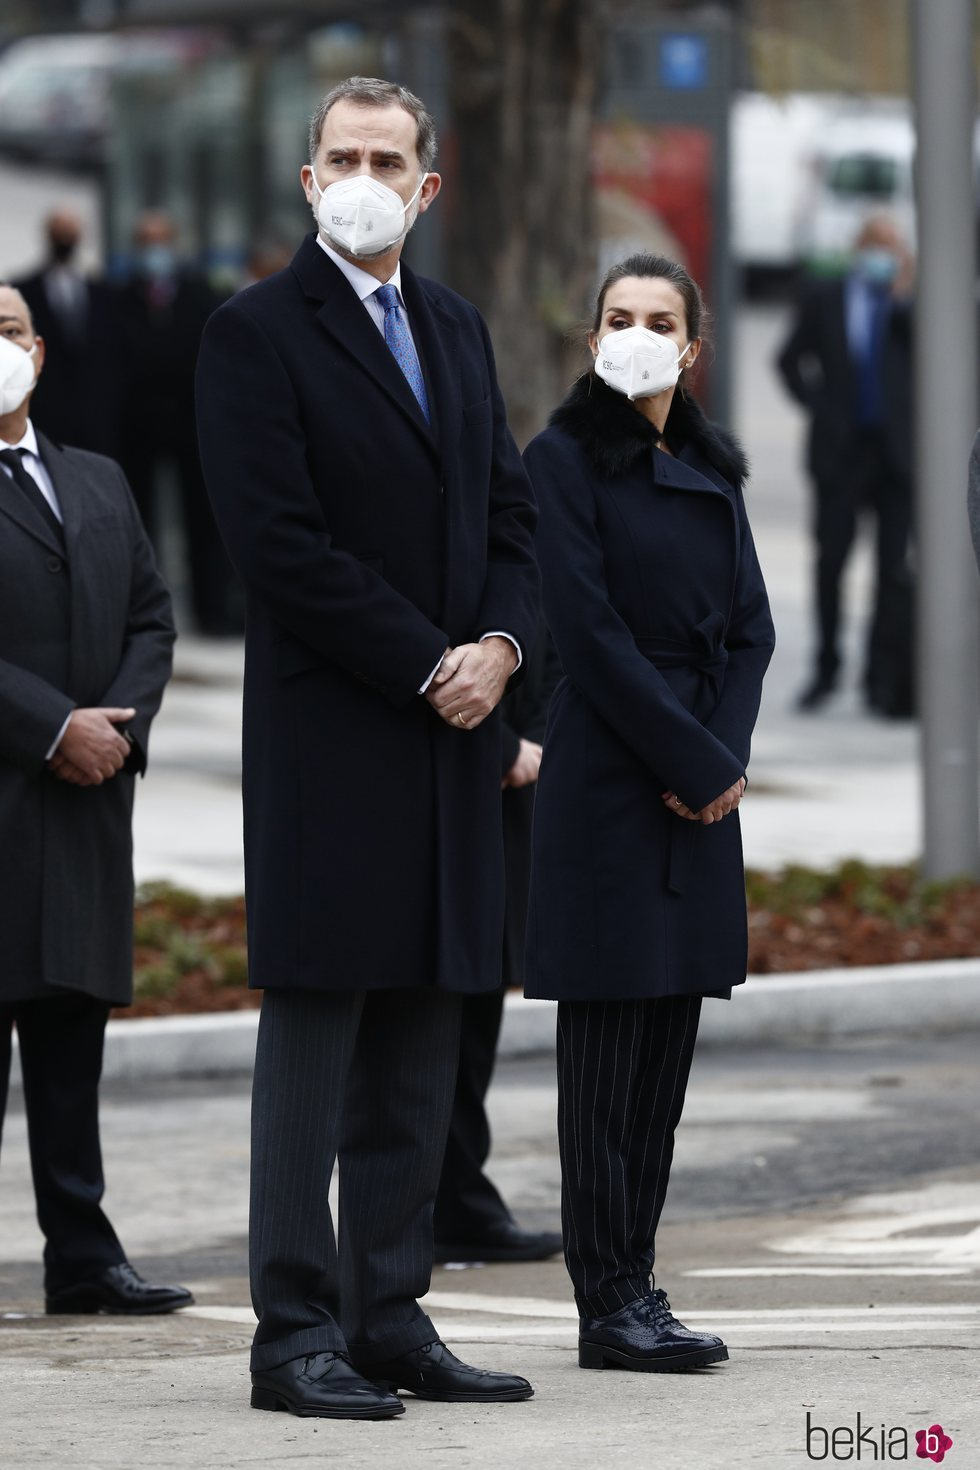 Los Reyes Felipe y Letizia en el acto de inauguración del monumento en memoria a los sanitarios fallecidos durante la pandemia